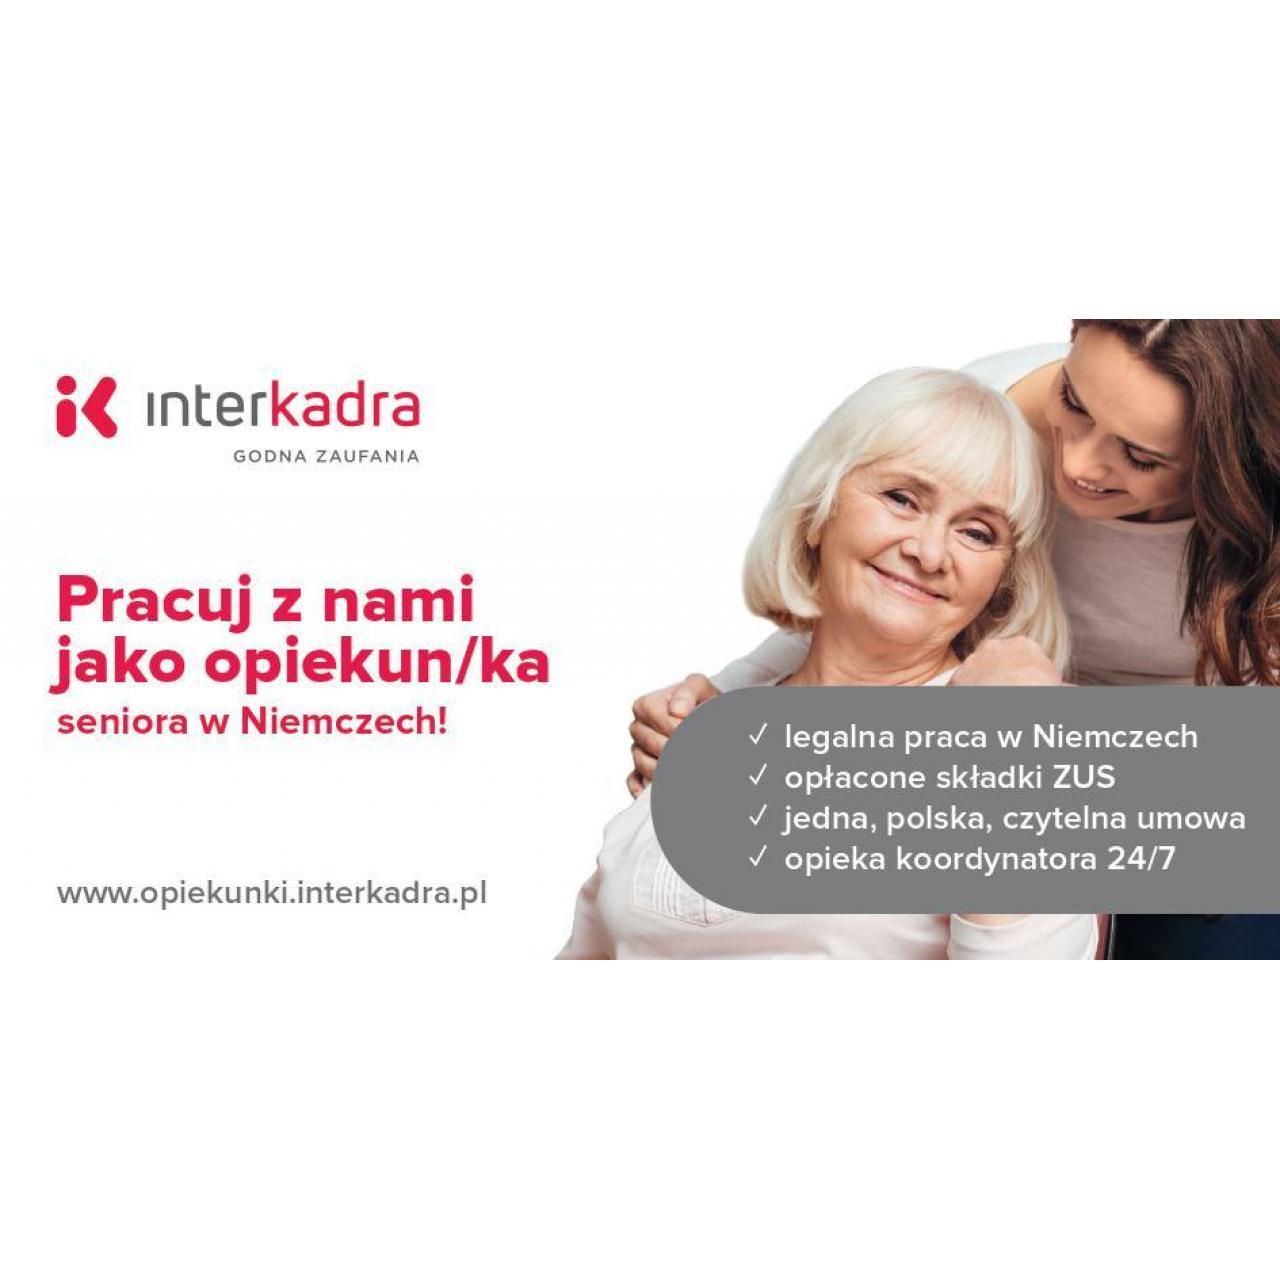 Potrzebny/a Opiekun/ka dla Seniora Karla, do 1400 EUR